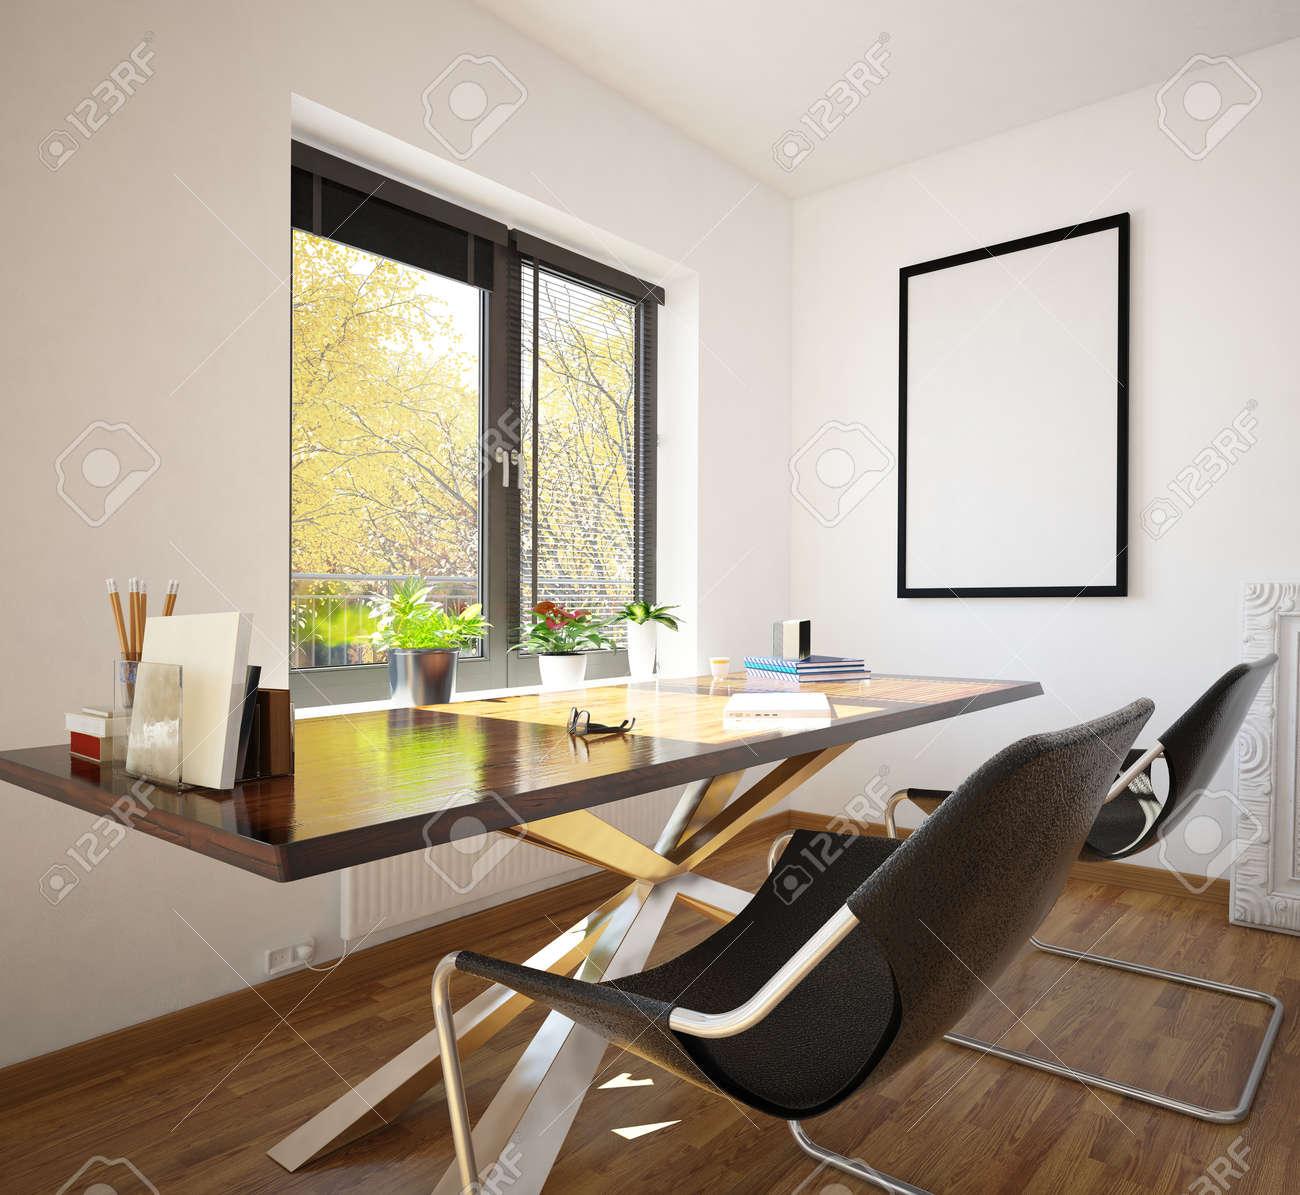 Moderne Ordentlich Home-Office-Interieur Mit Zwei Zeitgenössischen ...